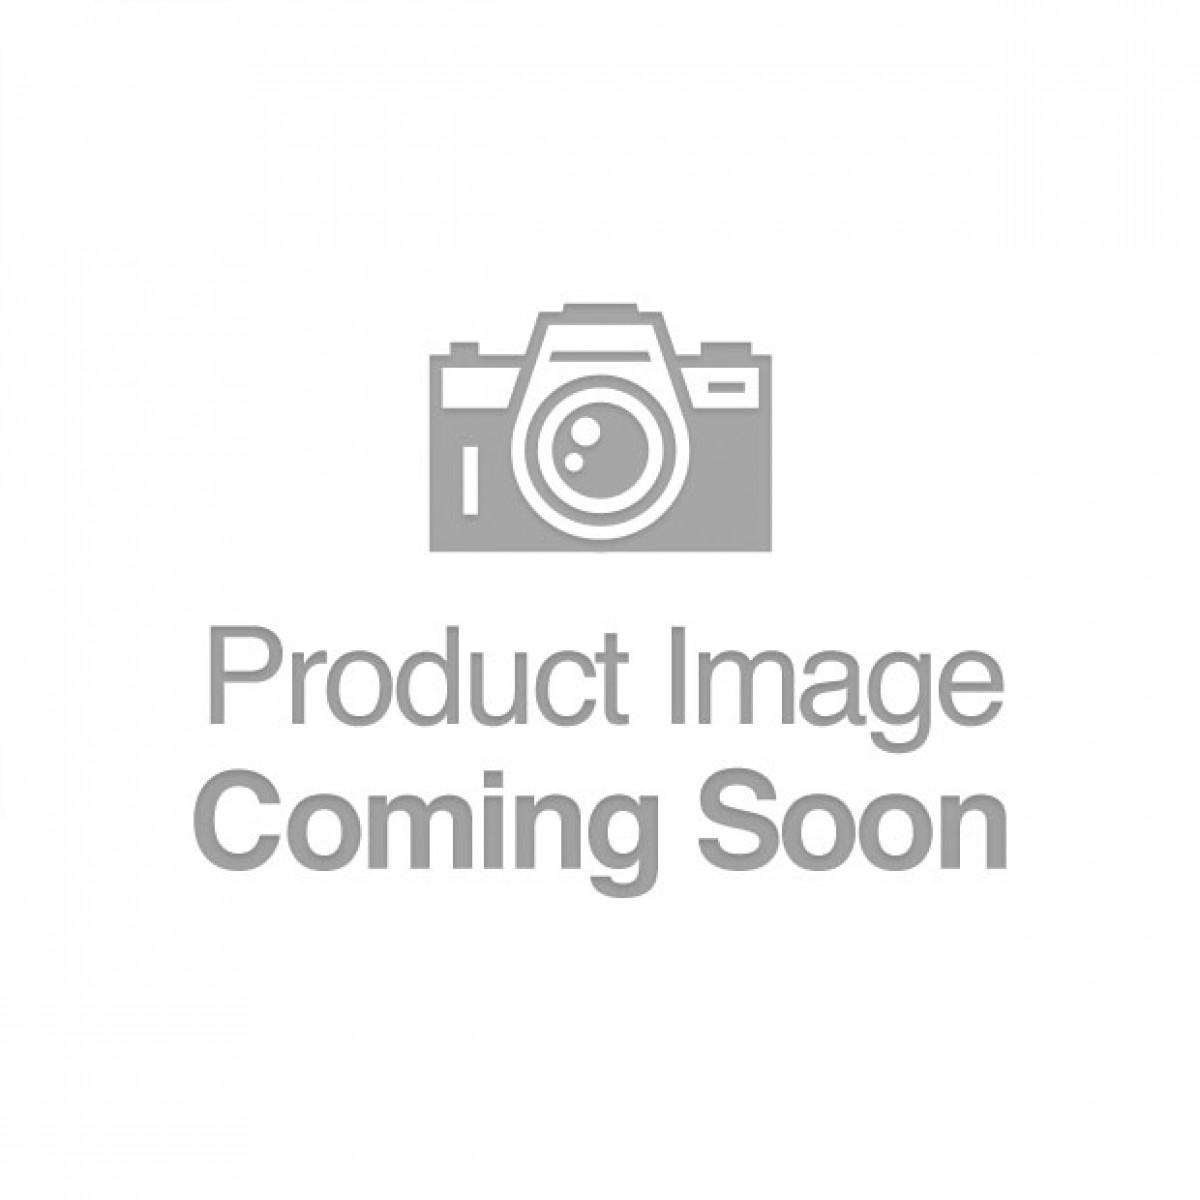 Dr. Joel Kaplan Premium Pumpers Lube - 16 Oz Pump